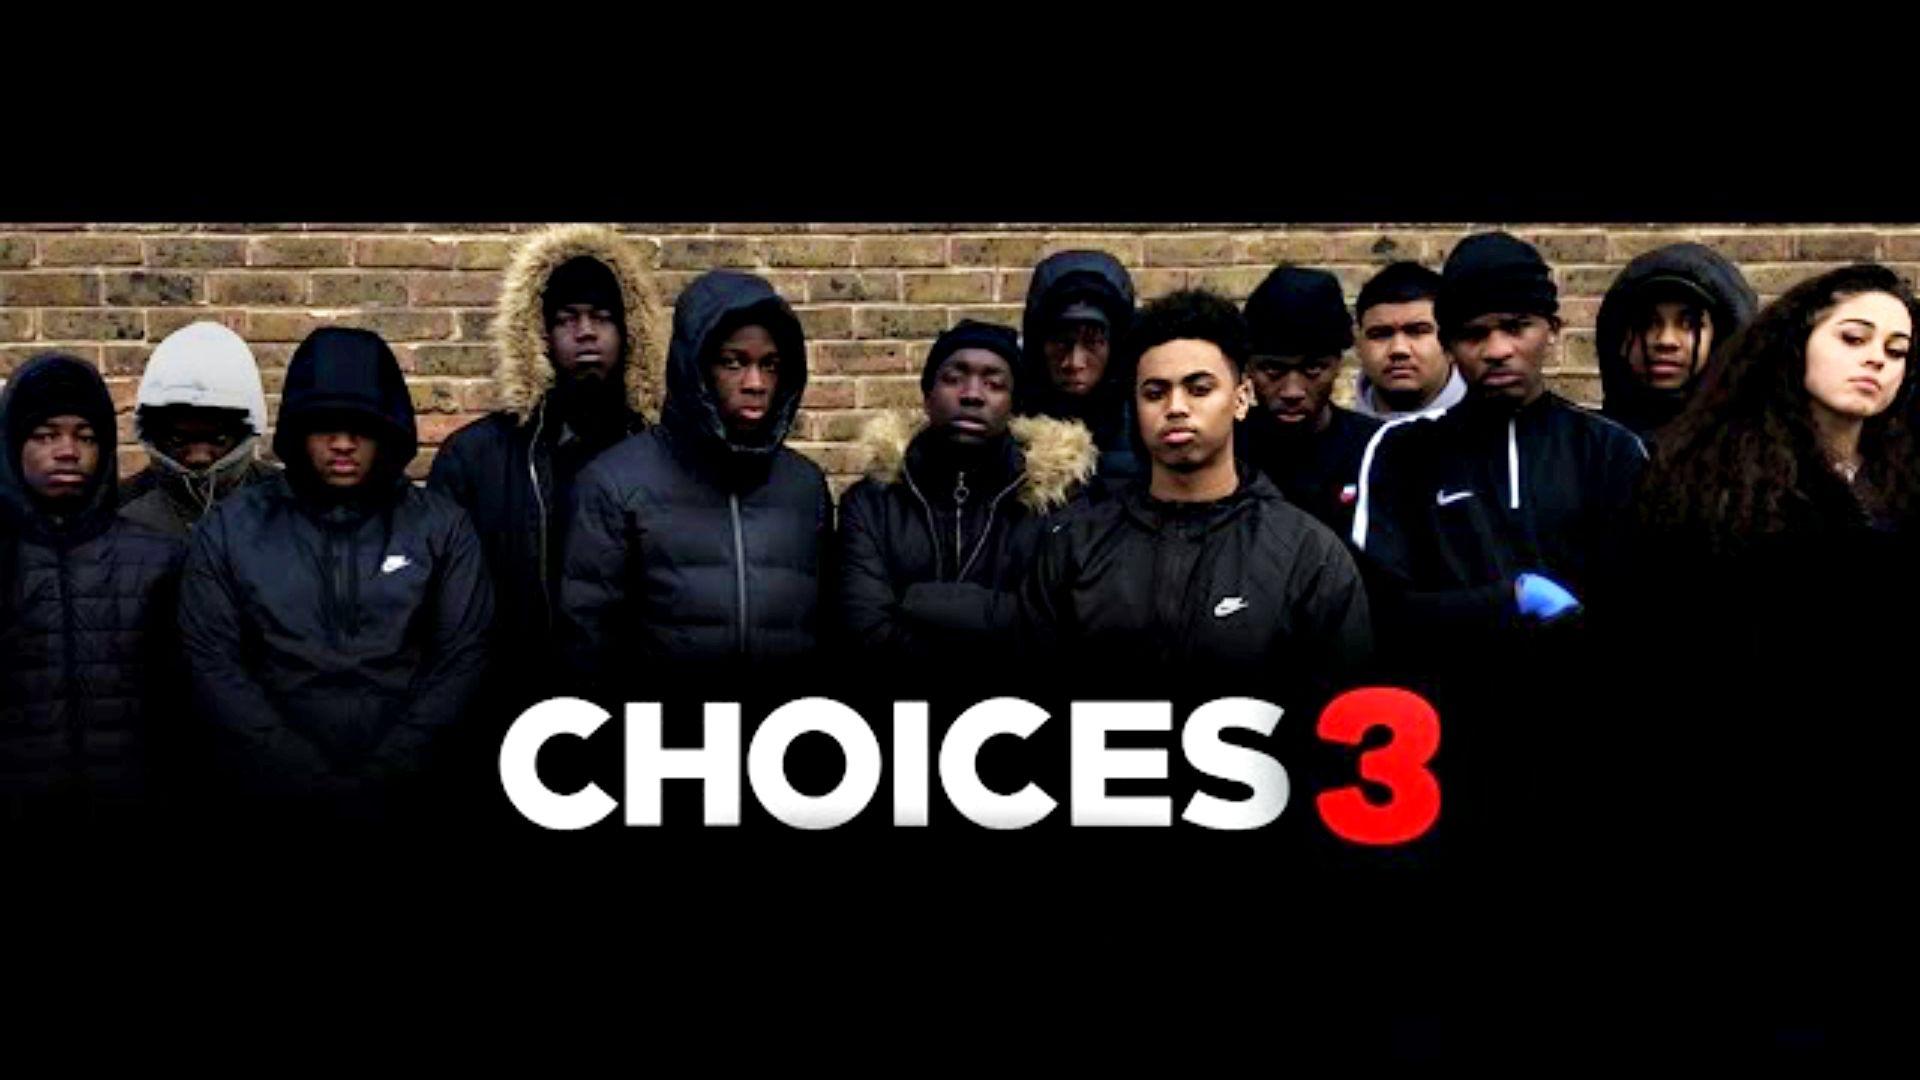 Choices 3